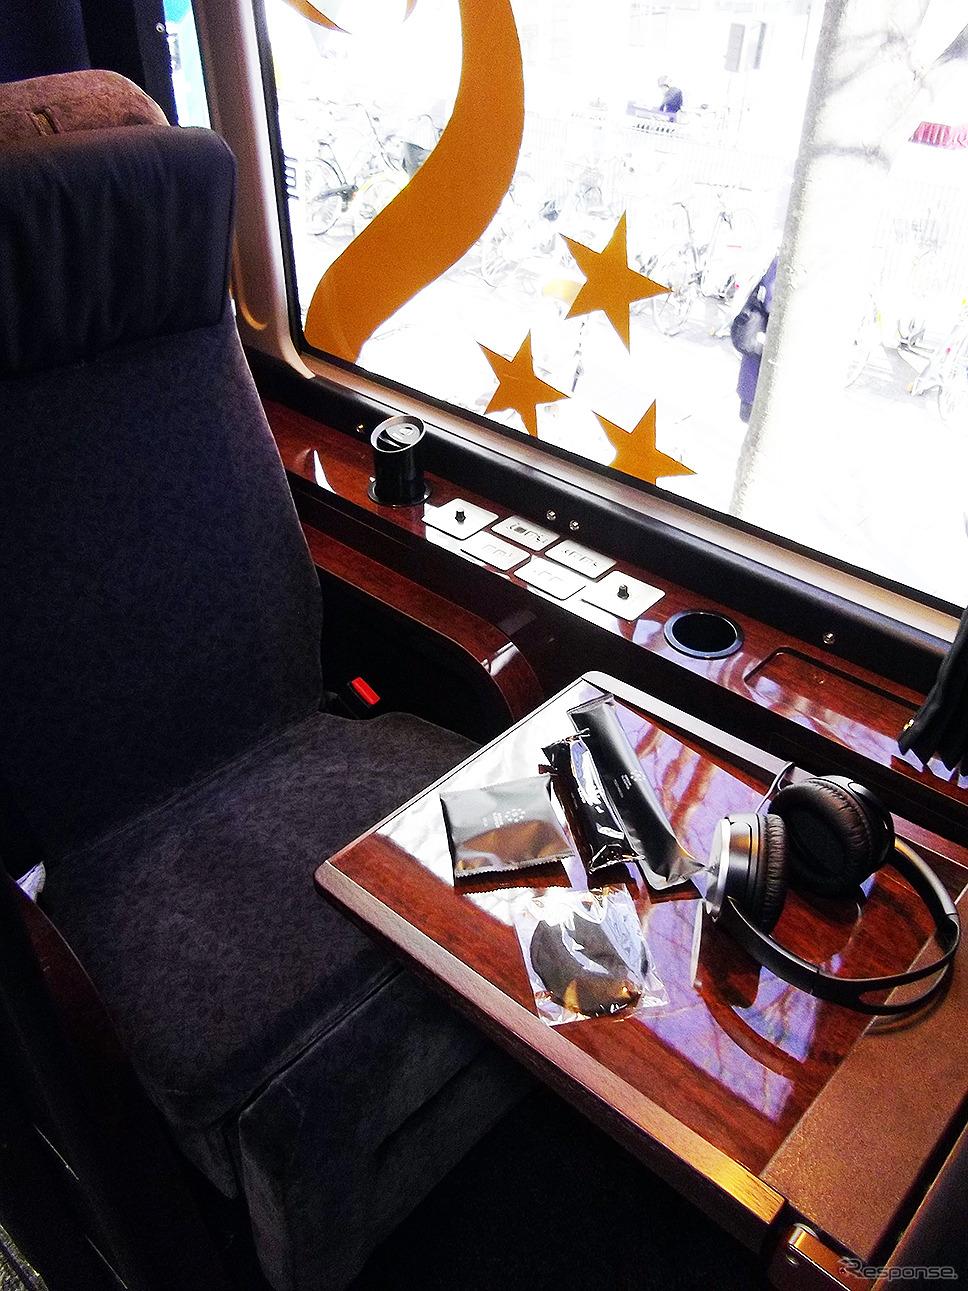 ドリームスリーバー東京大阪号の客室、テーブルを出した状態《撮影 大野雅人(Gazin Airlines)》